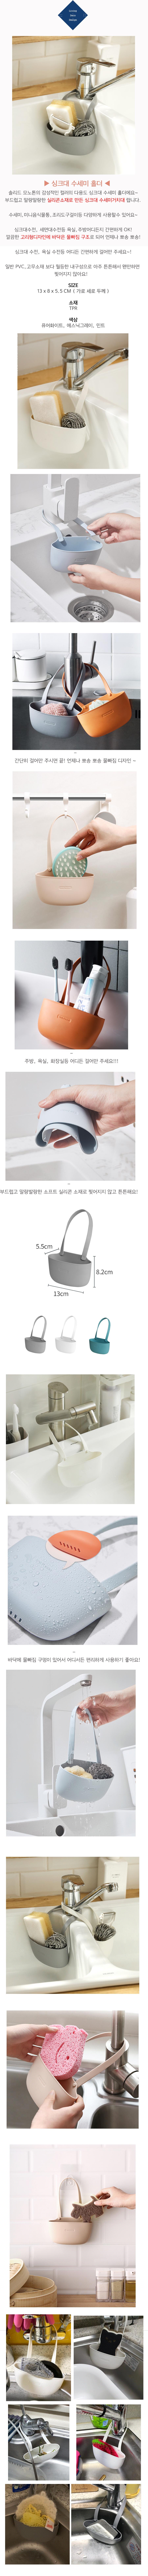 싱크대수세미홀더 - 미스터고물상, 2,160원, 설거지 용품, 수세미/행주 걸이